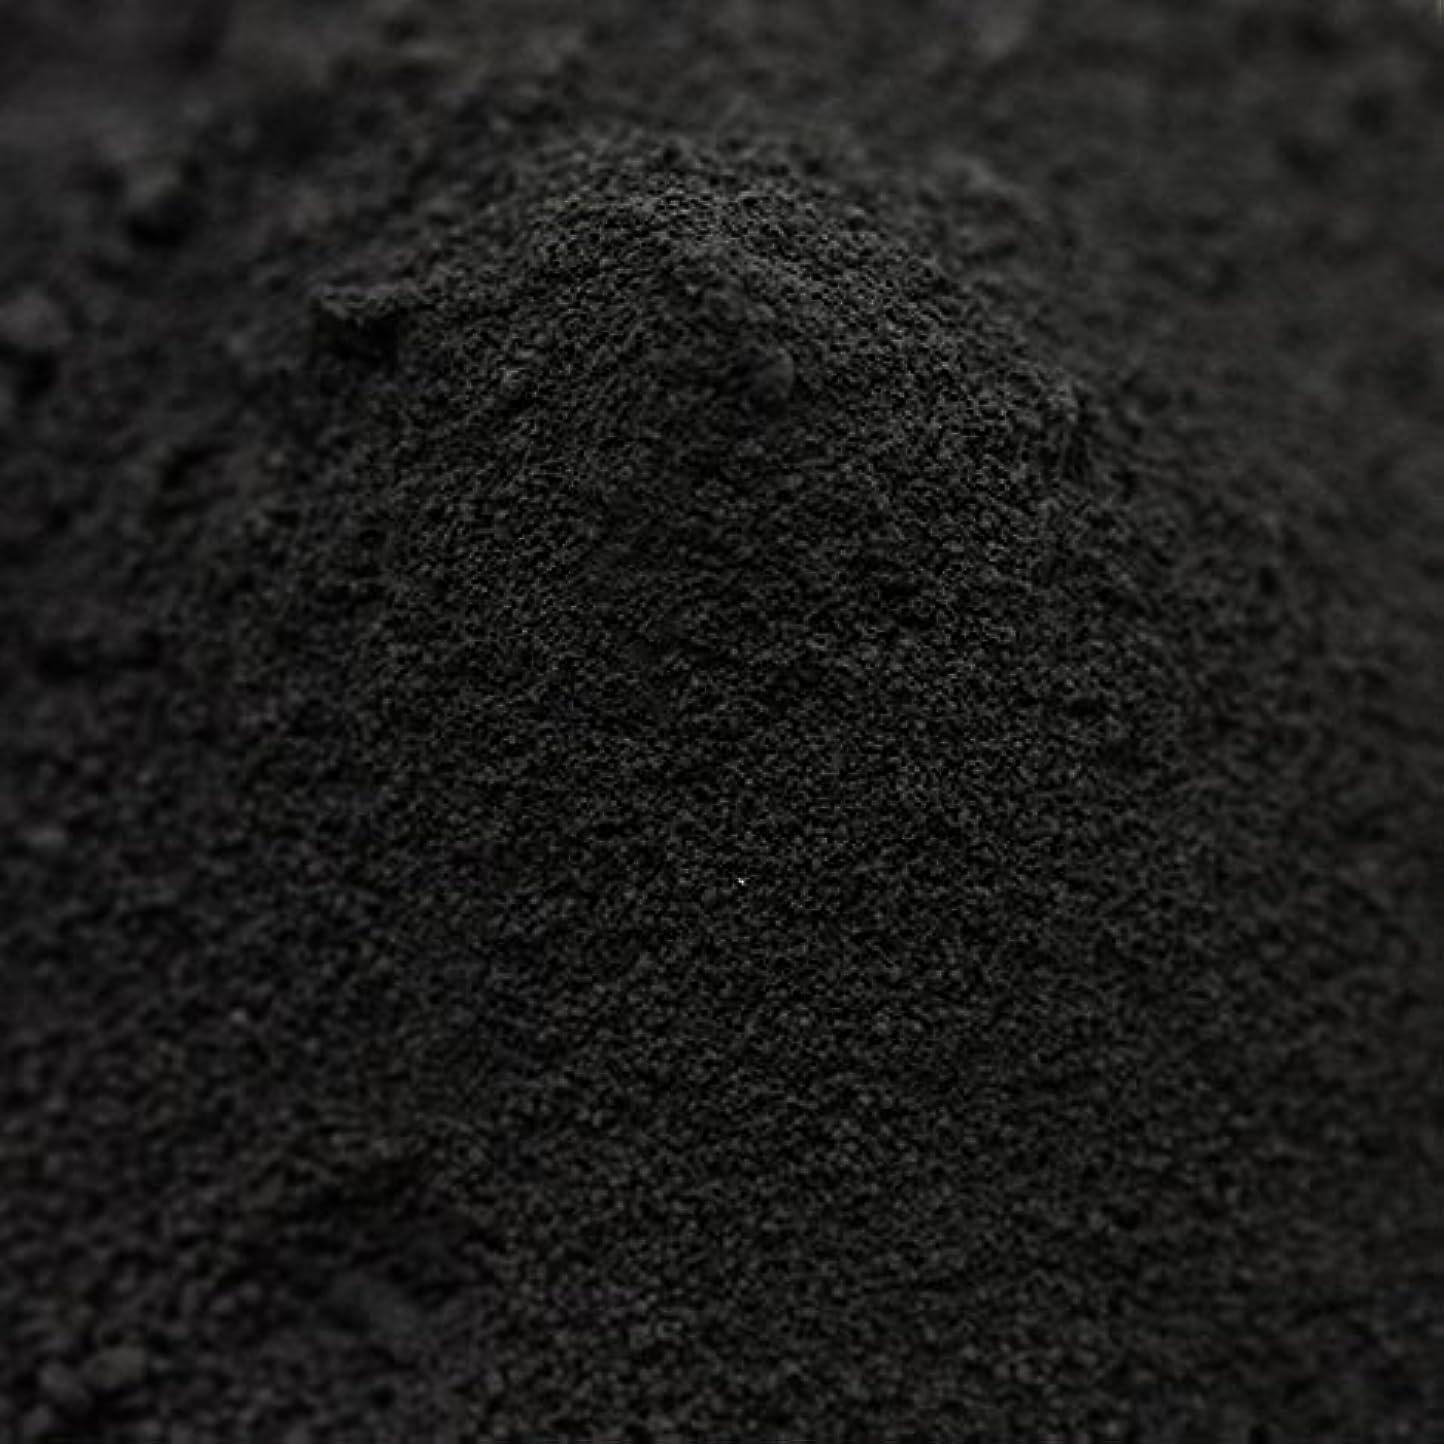 竹炭パウダー(超微粉末) 100g 【手作り石鹸/手作りコスメに】